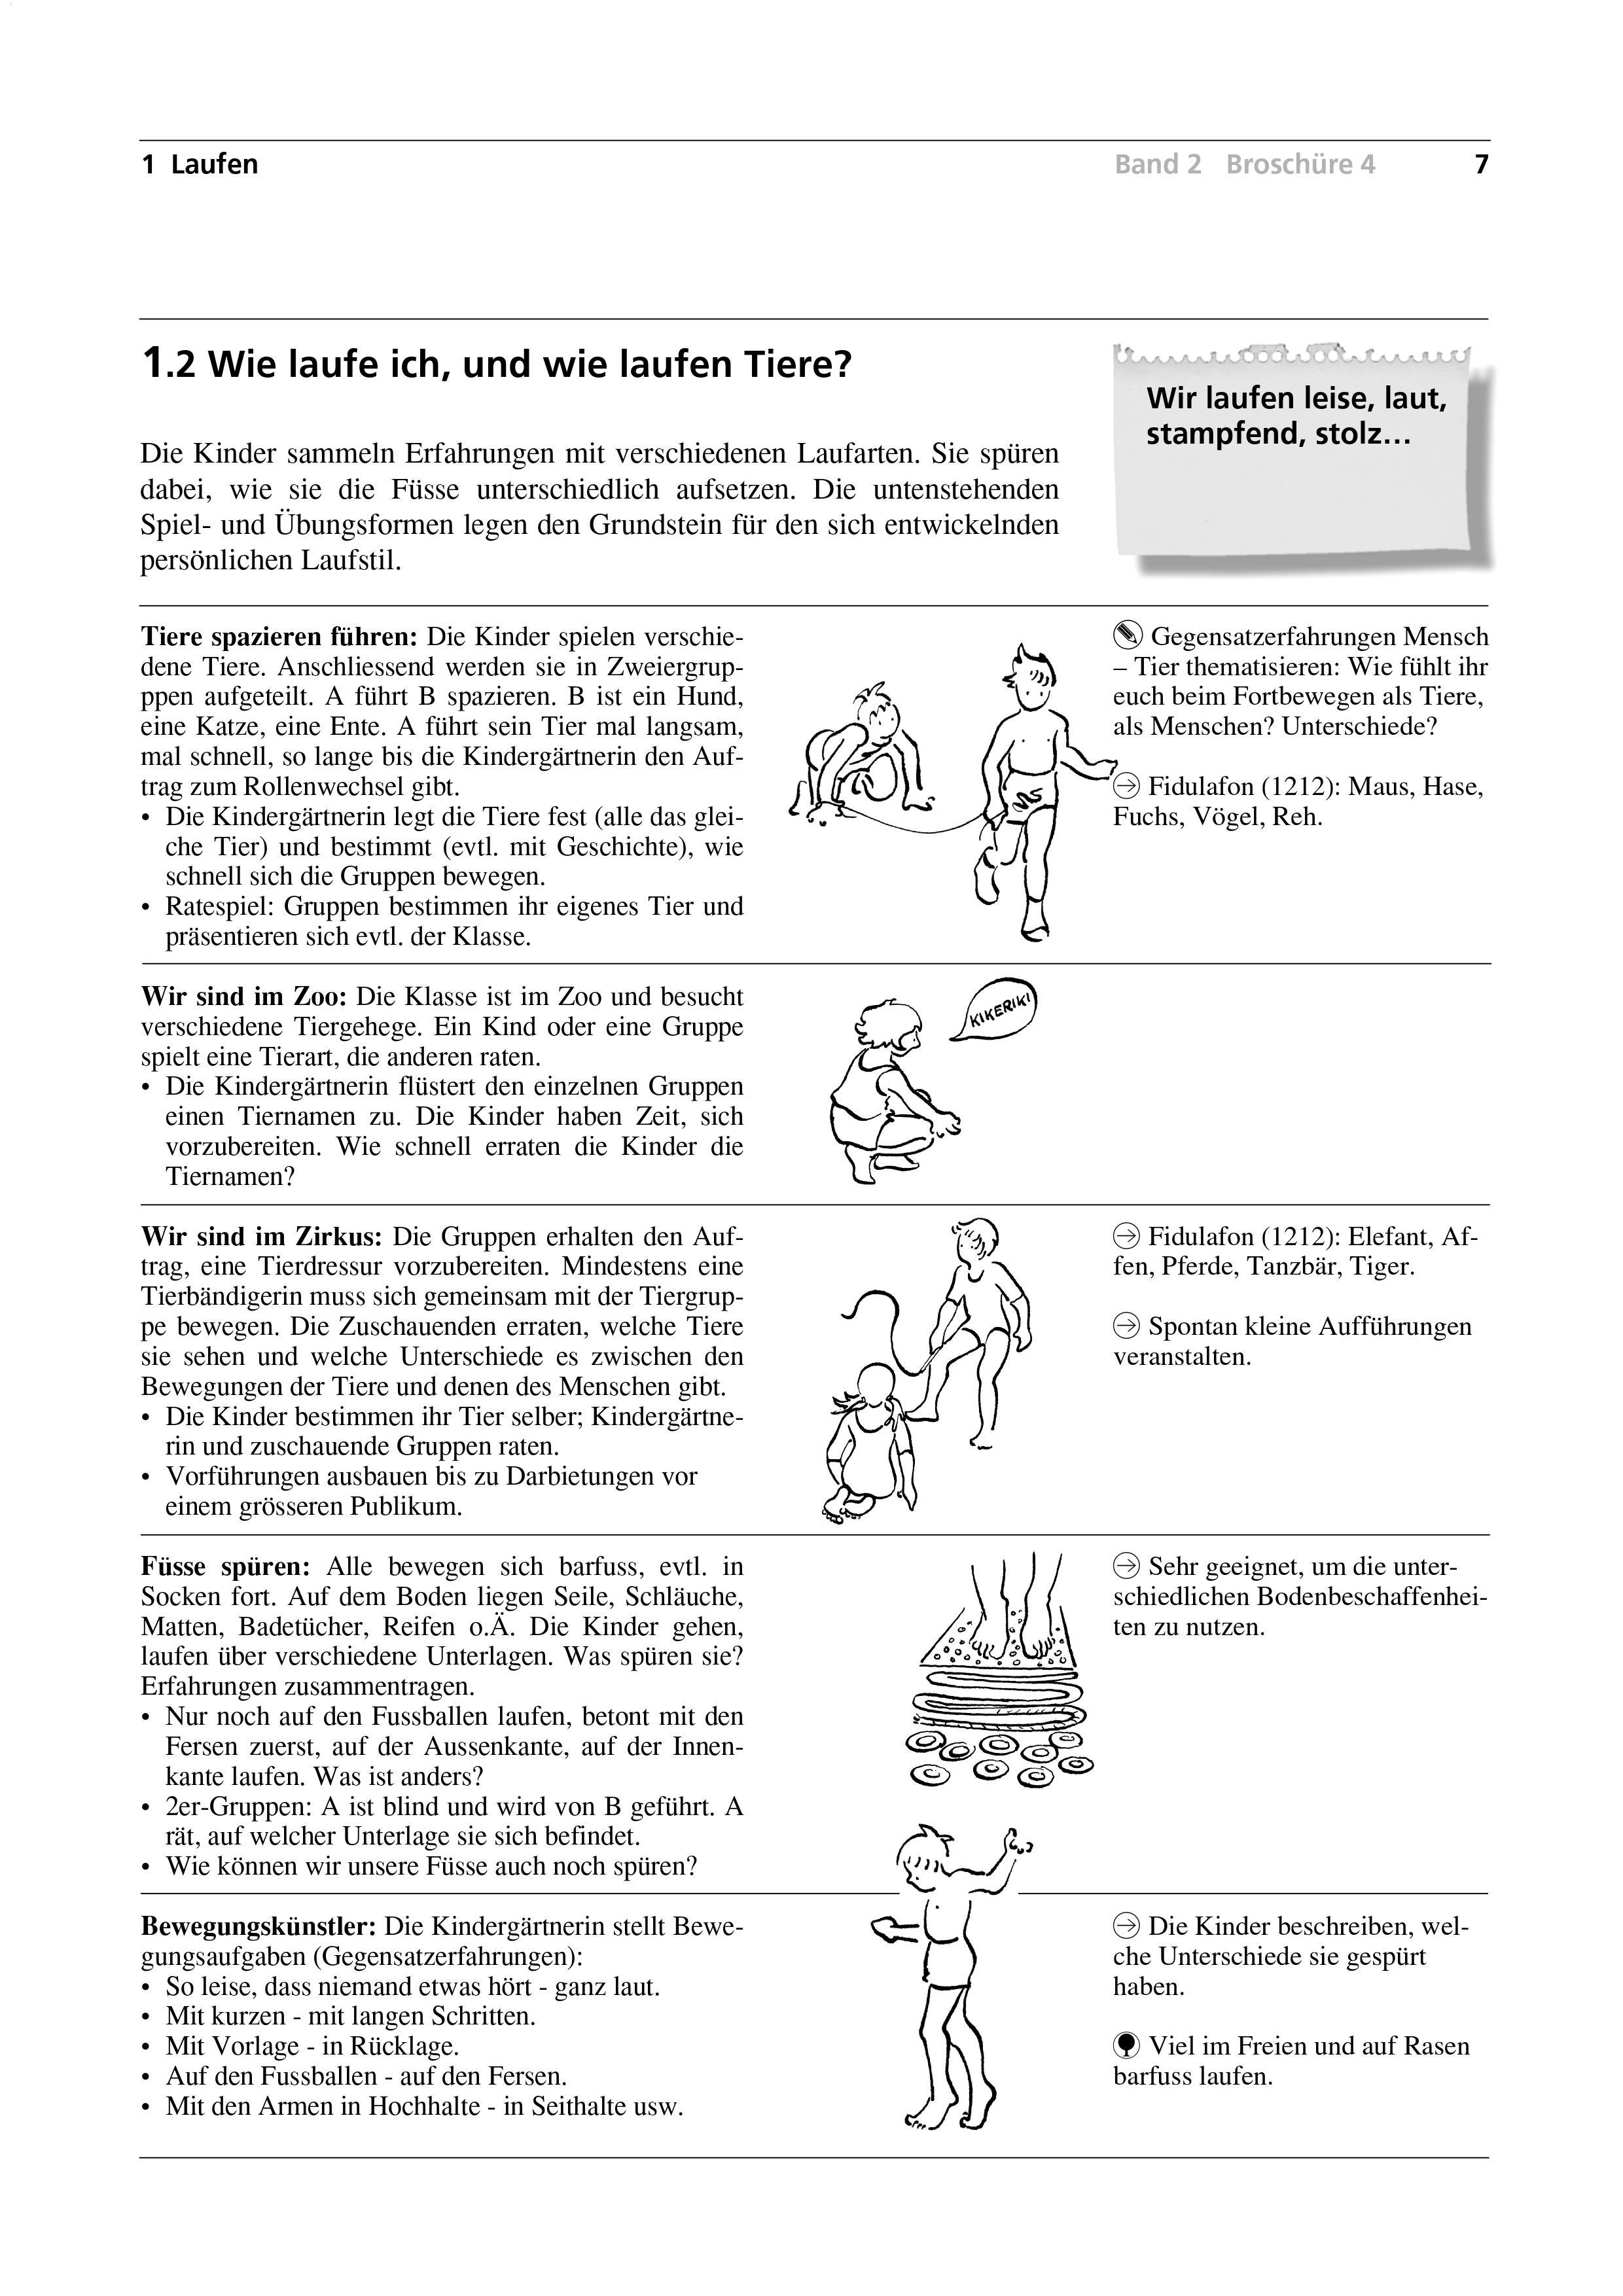 Preview image for LOM object Wie laufe ich, und wie laufen Tiere?